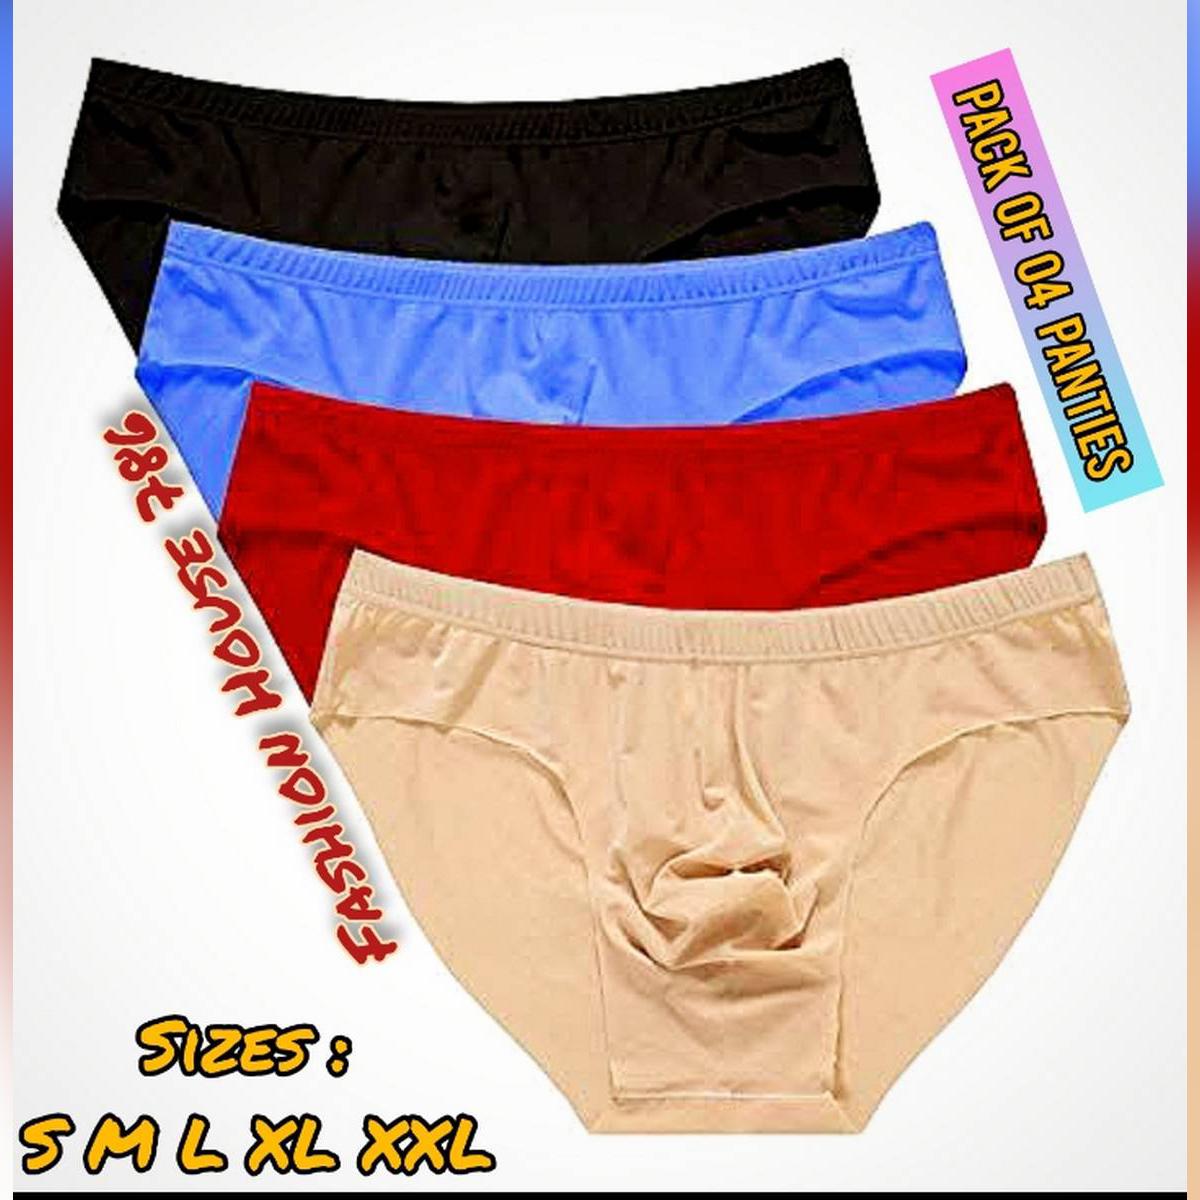 Pack of 4 - Pure Cotton UnderWear for Women/Girls / Cotton Jersey Underwears for Girls Women / Panties for Women Ladies Girls